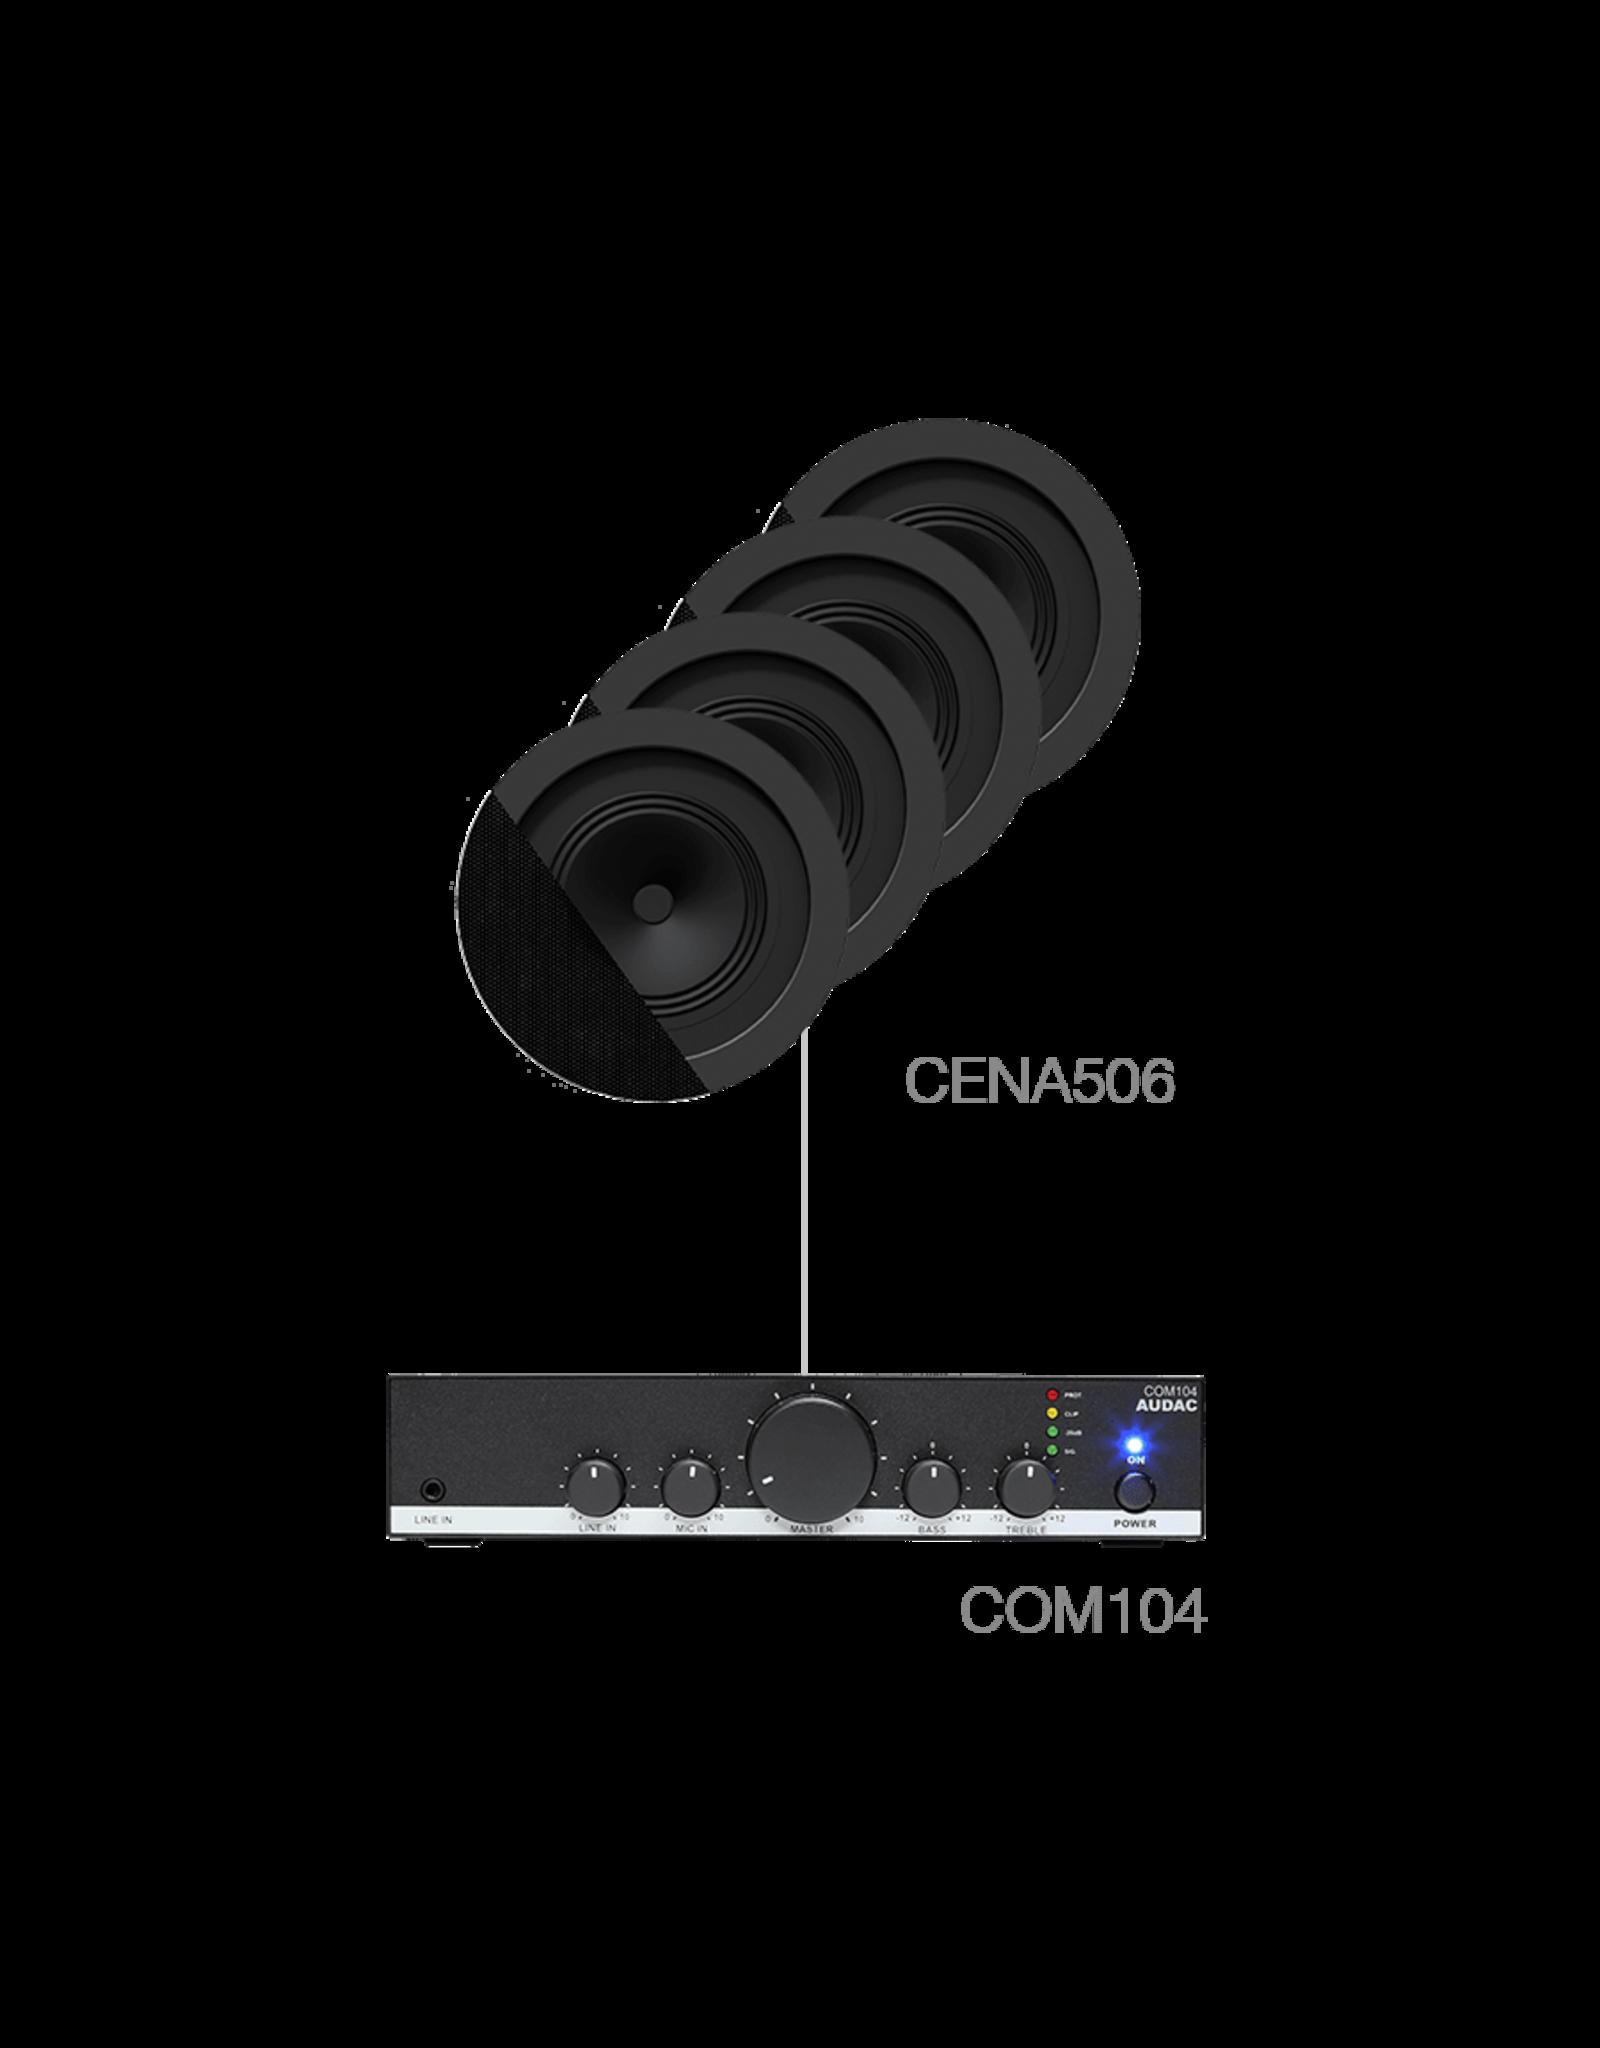 Audac 4 x CENA506 + COM104 Black version